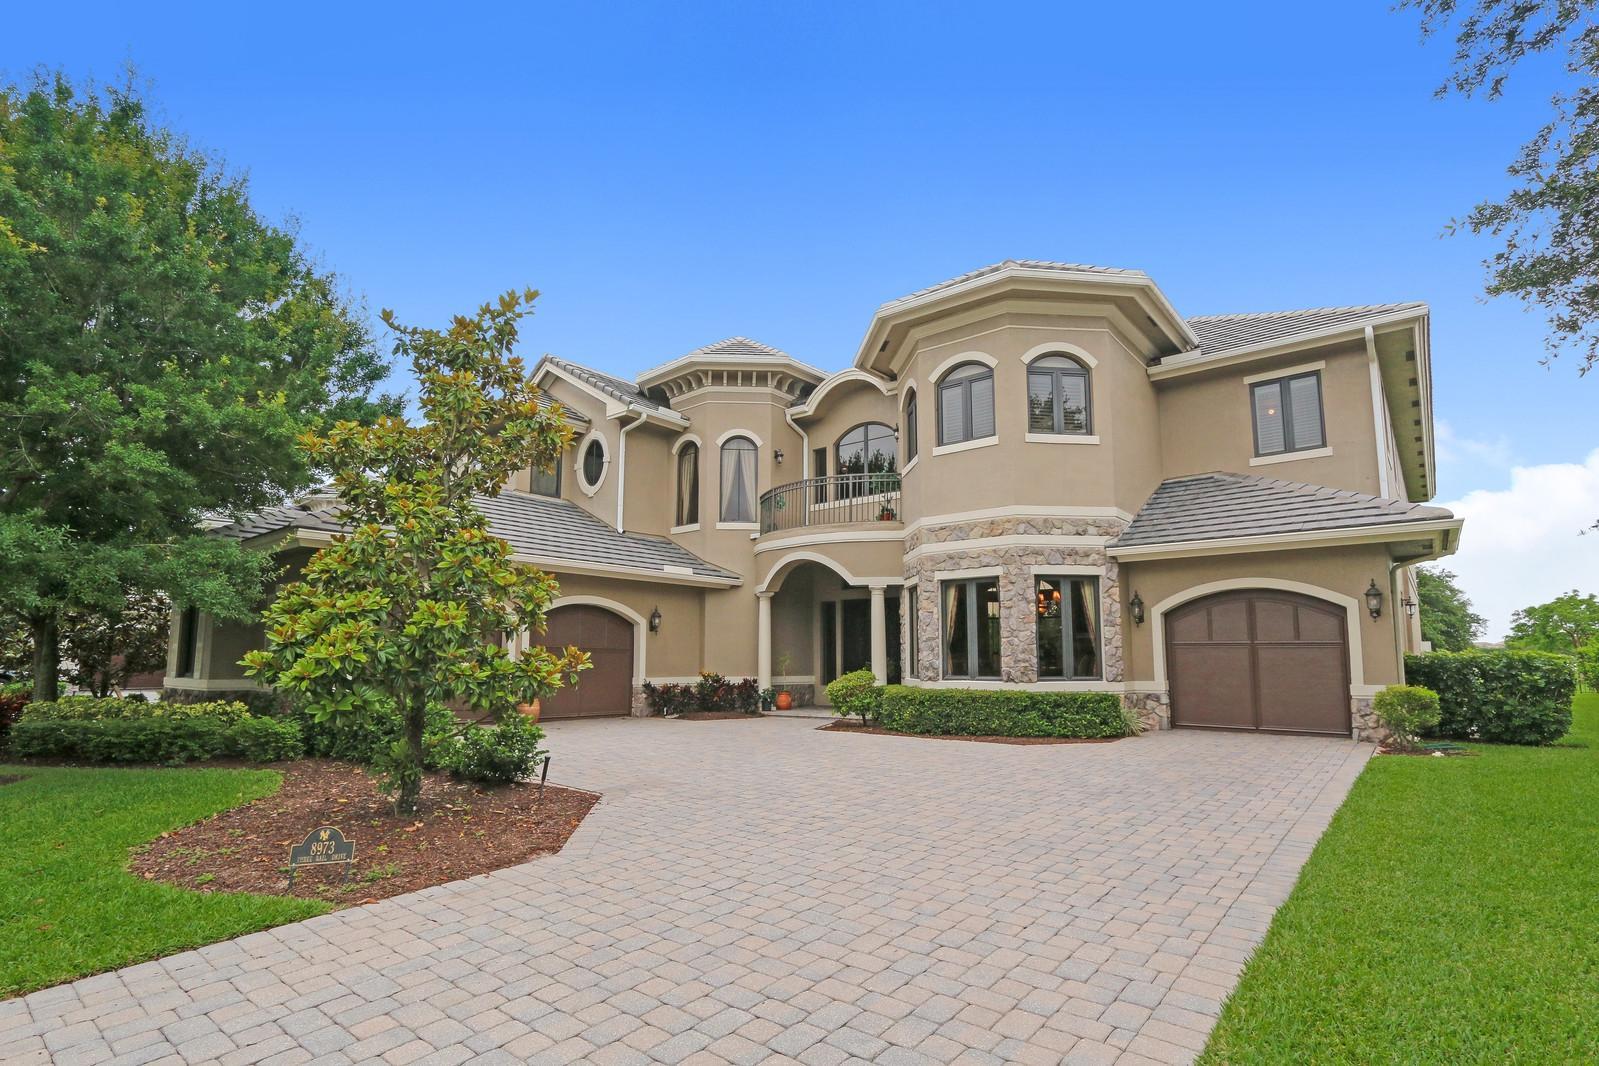 8973 Three Rail Drive  Boynton Beach, FL 33472